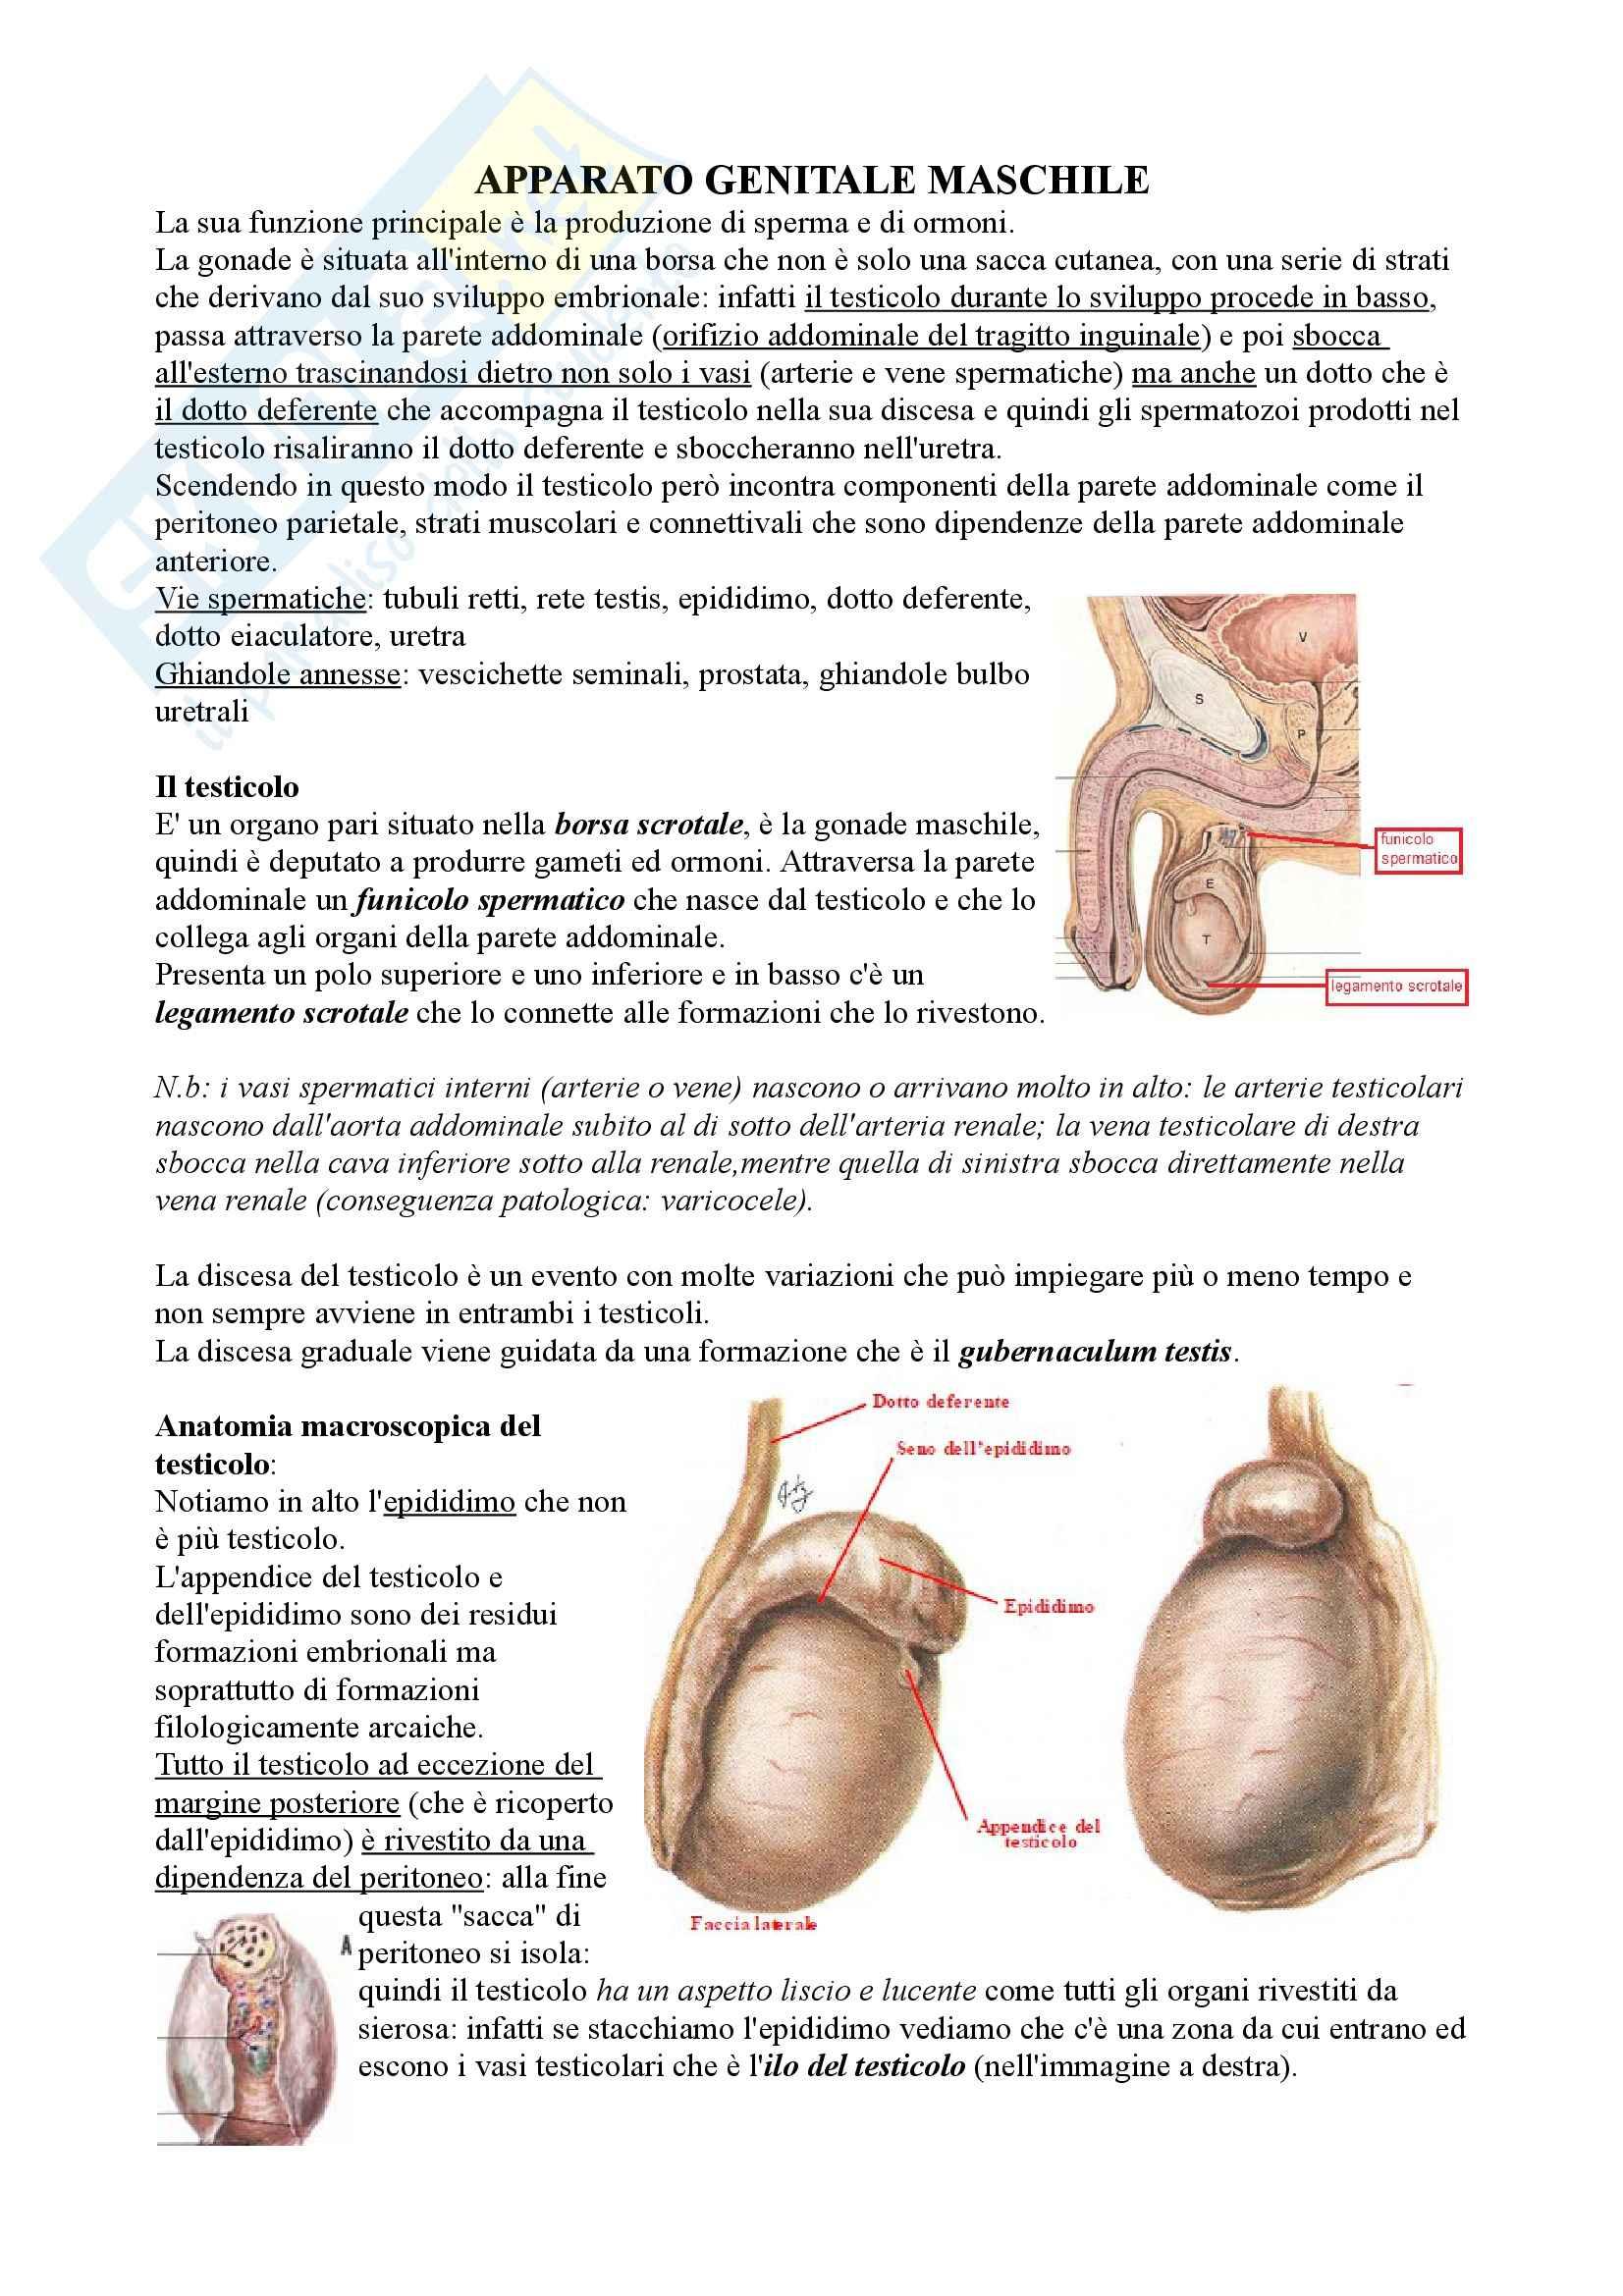 Apparato Genitale Maschile, Anatomia